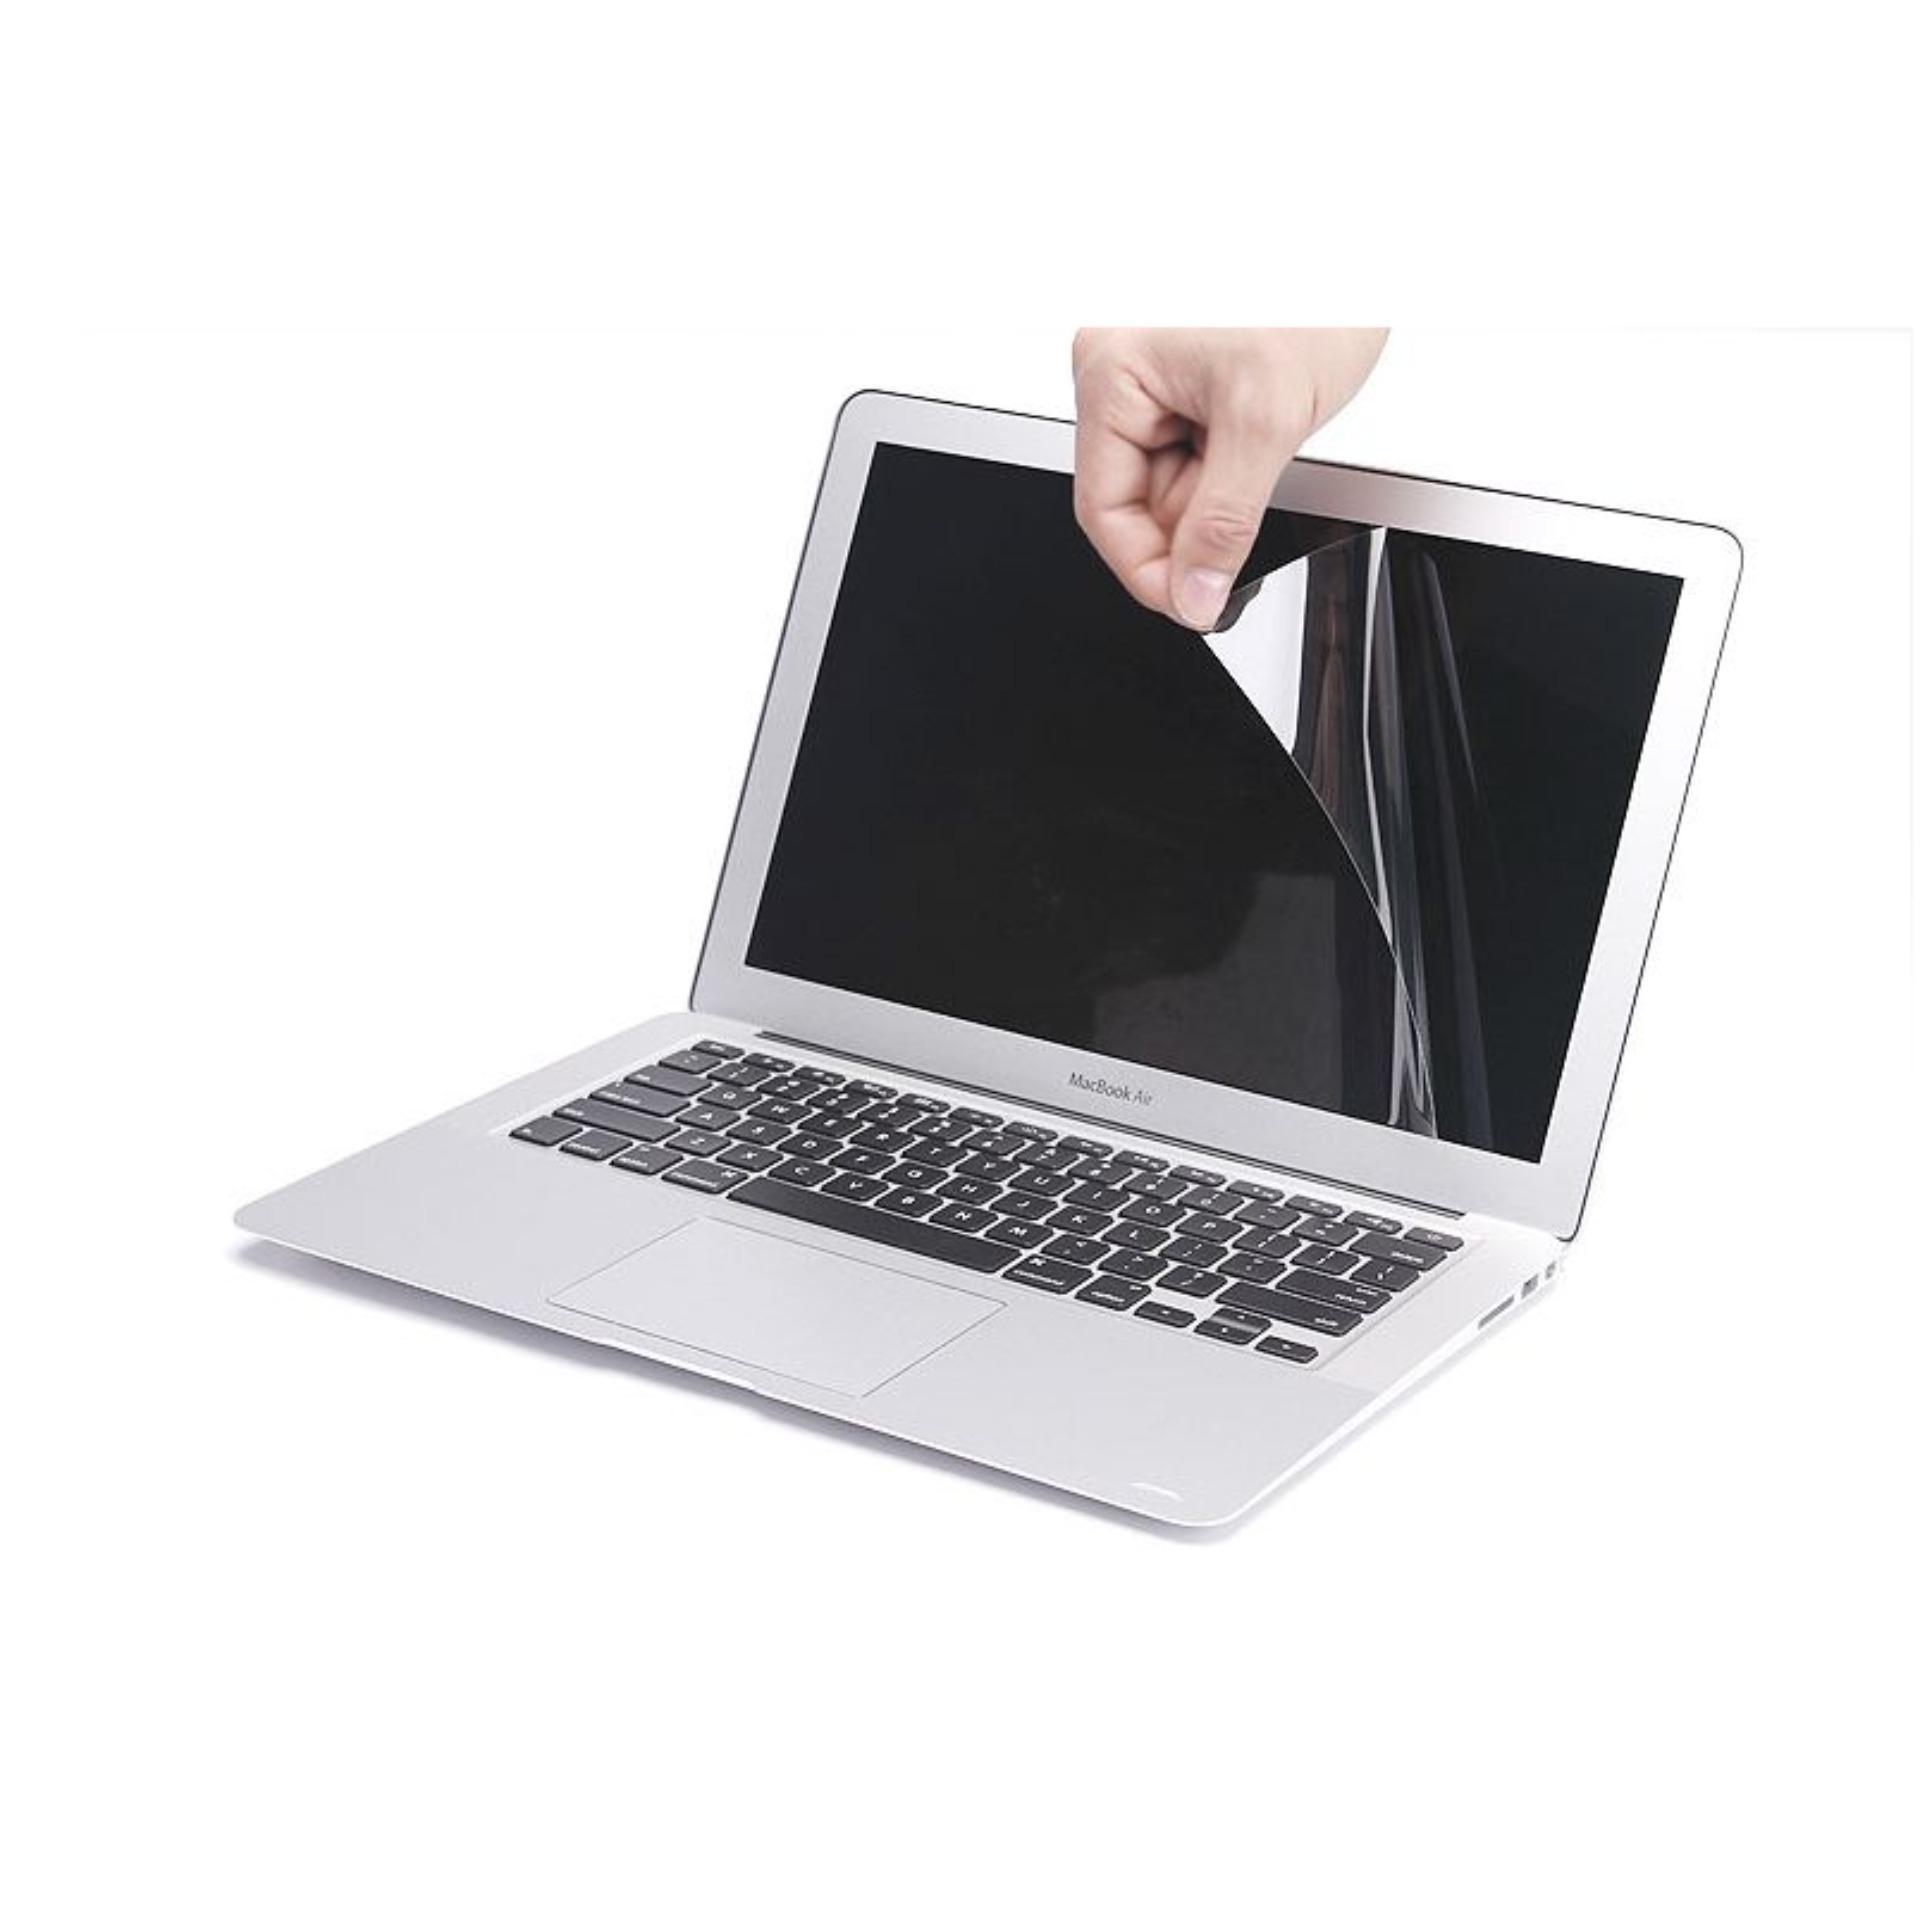 Miếng dán màn hình HD cho Macbook Air 12 inch